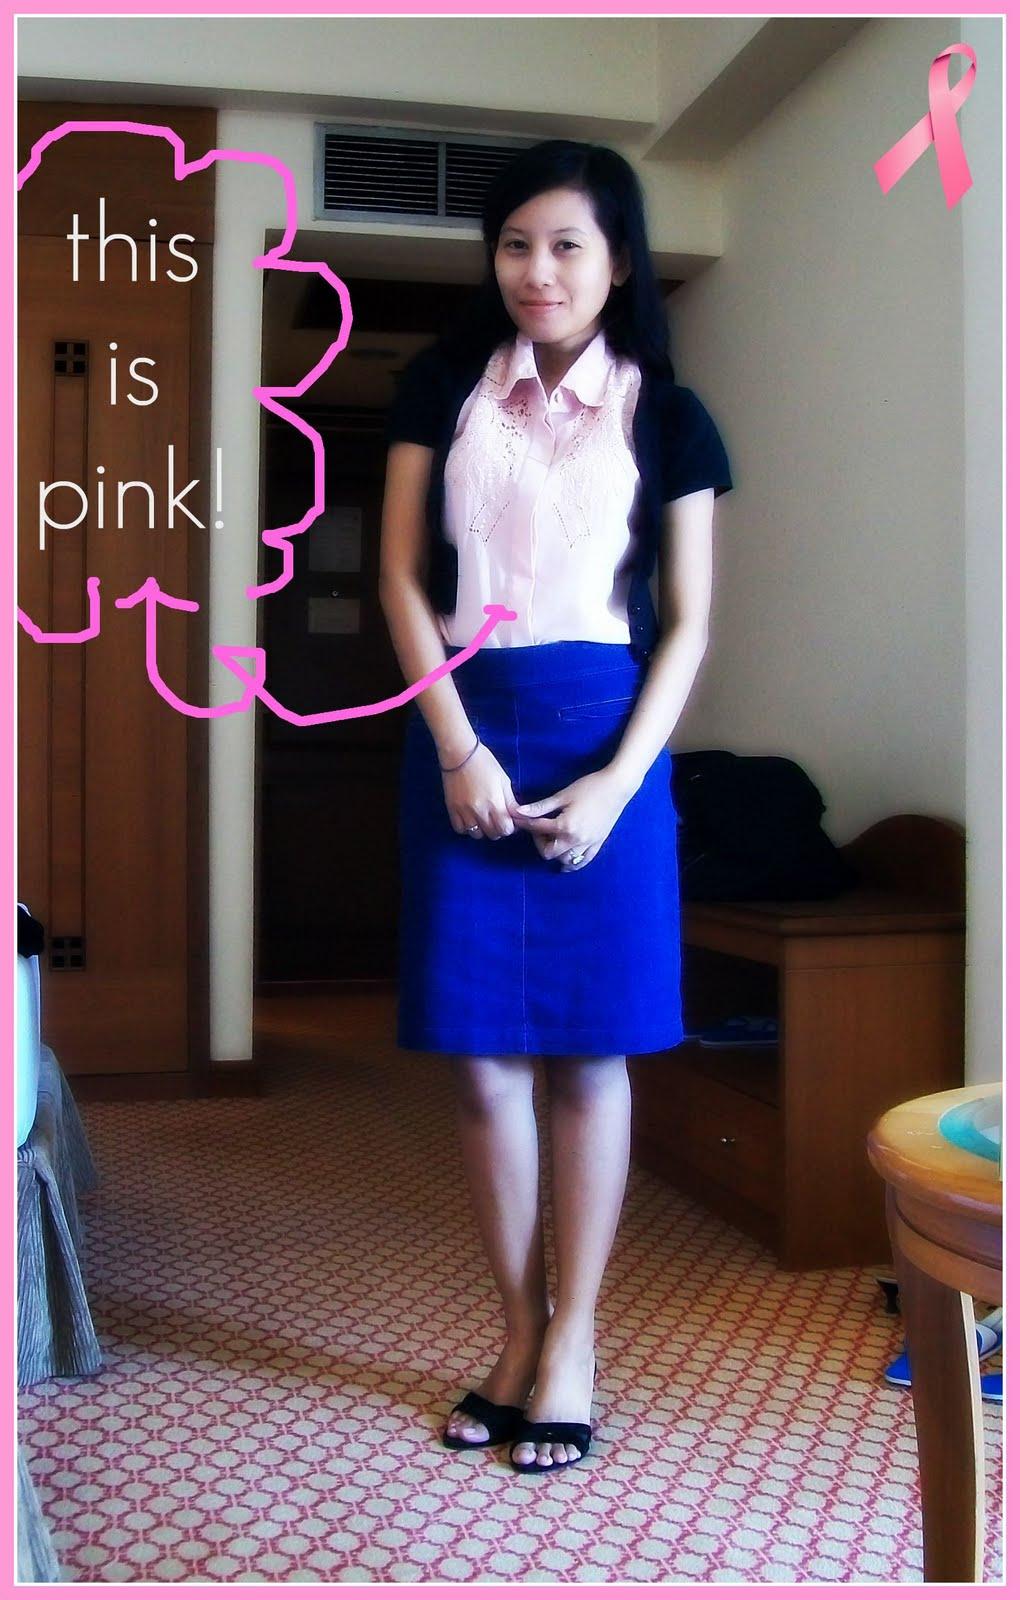 http://4.bp.blogspot.com/_IeYZJSlTsHM/TLxY-fYE72I/AAAAAAAAHmI/Gr85GDm7D6E/s1600/100_6720jyt.jpg